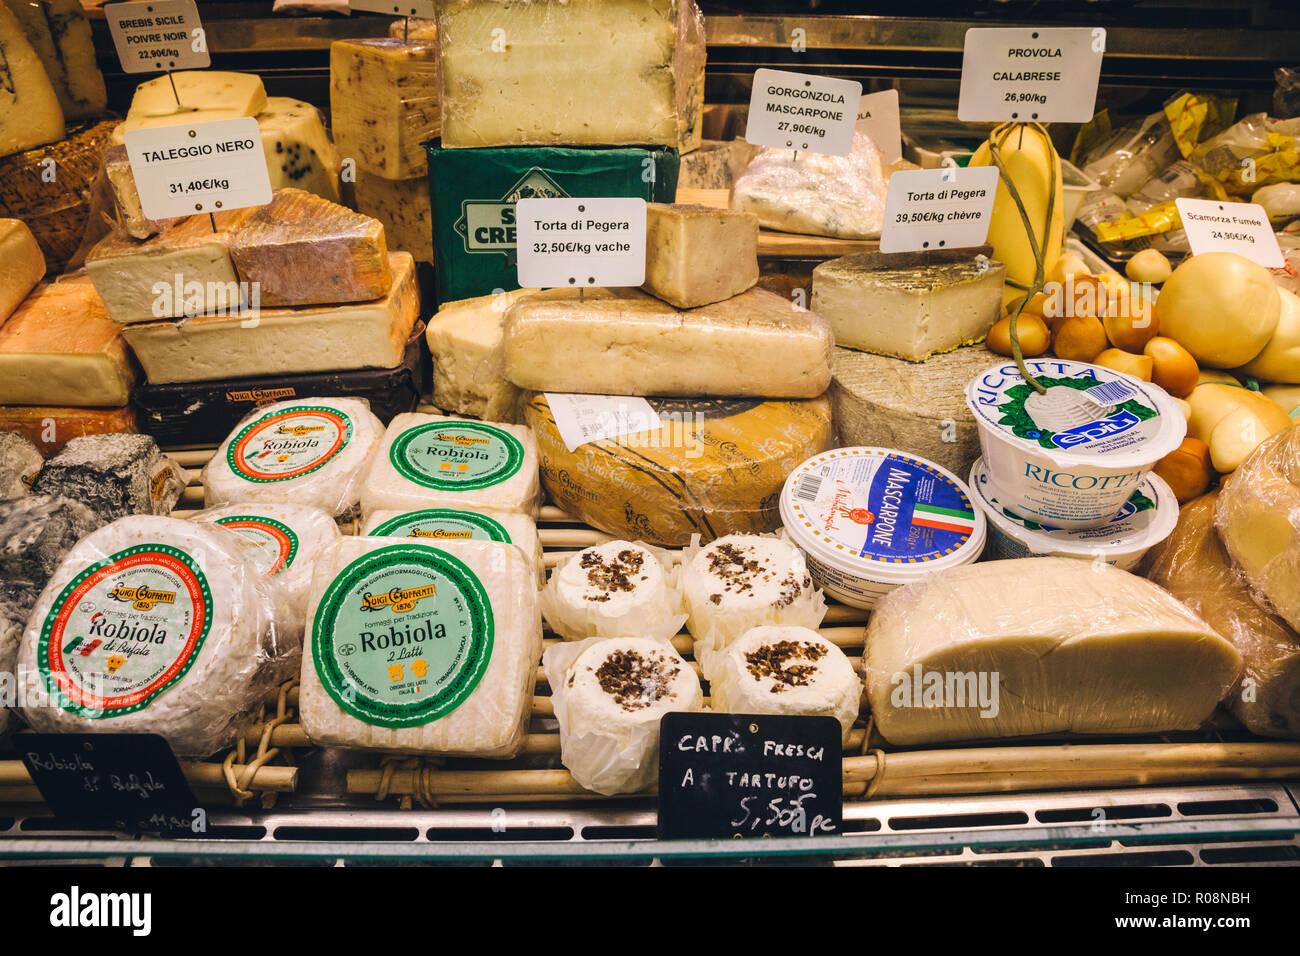 Käse, Marché des Capucins, Frankreich, Bordeaux, Frankreich 2017 Stockbild